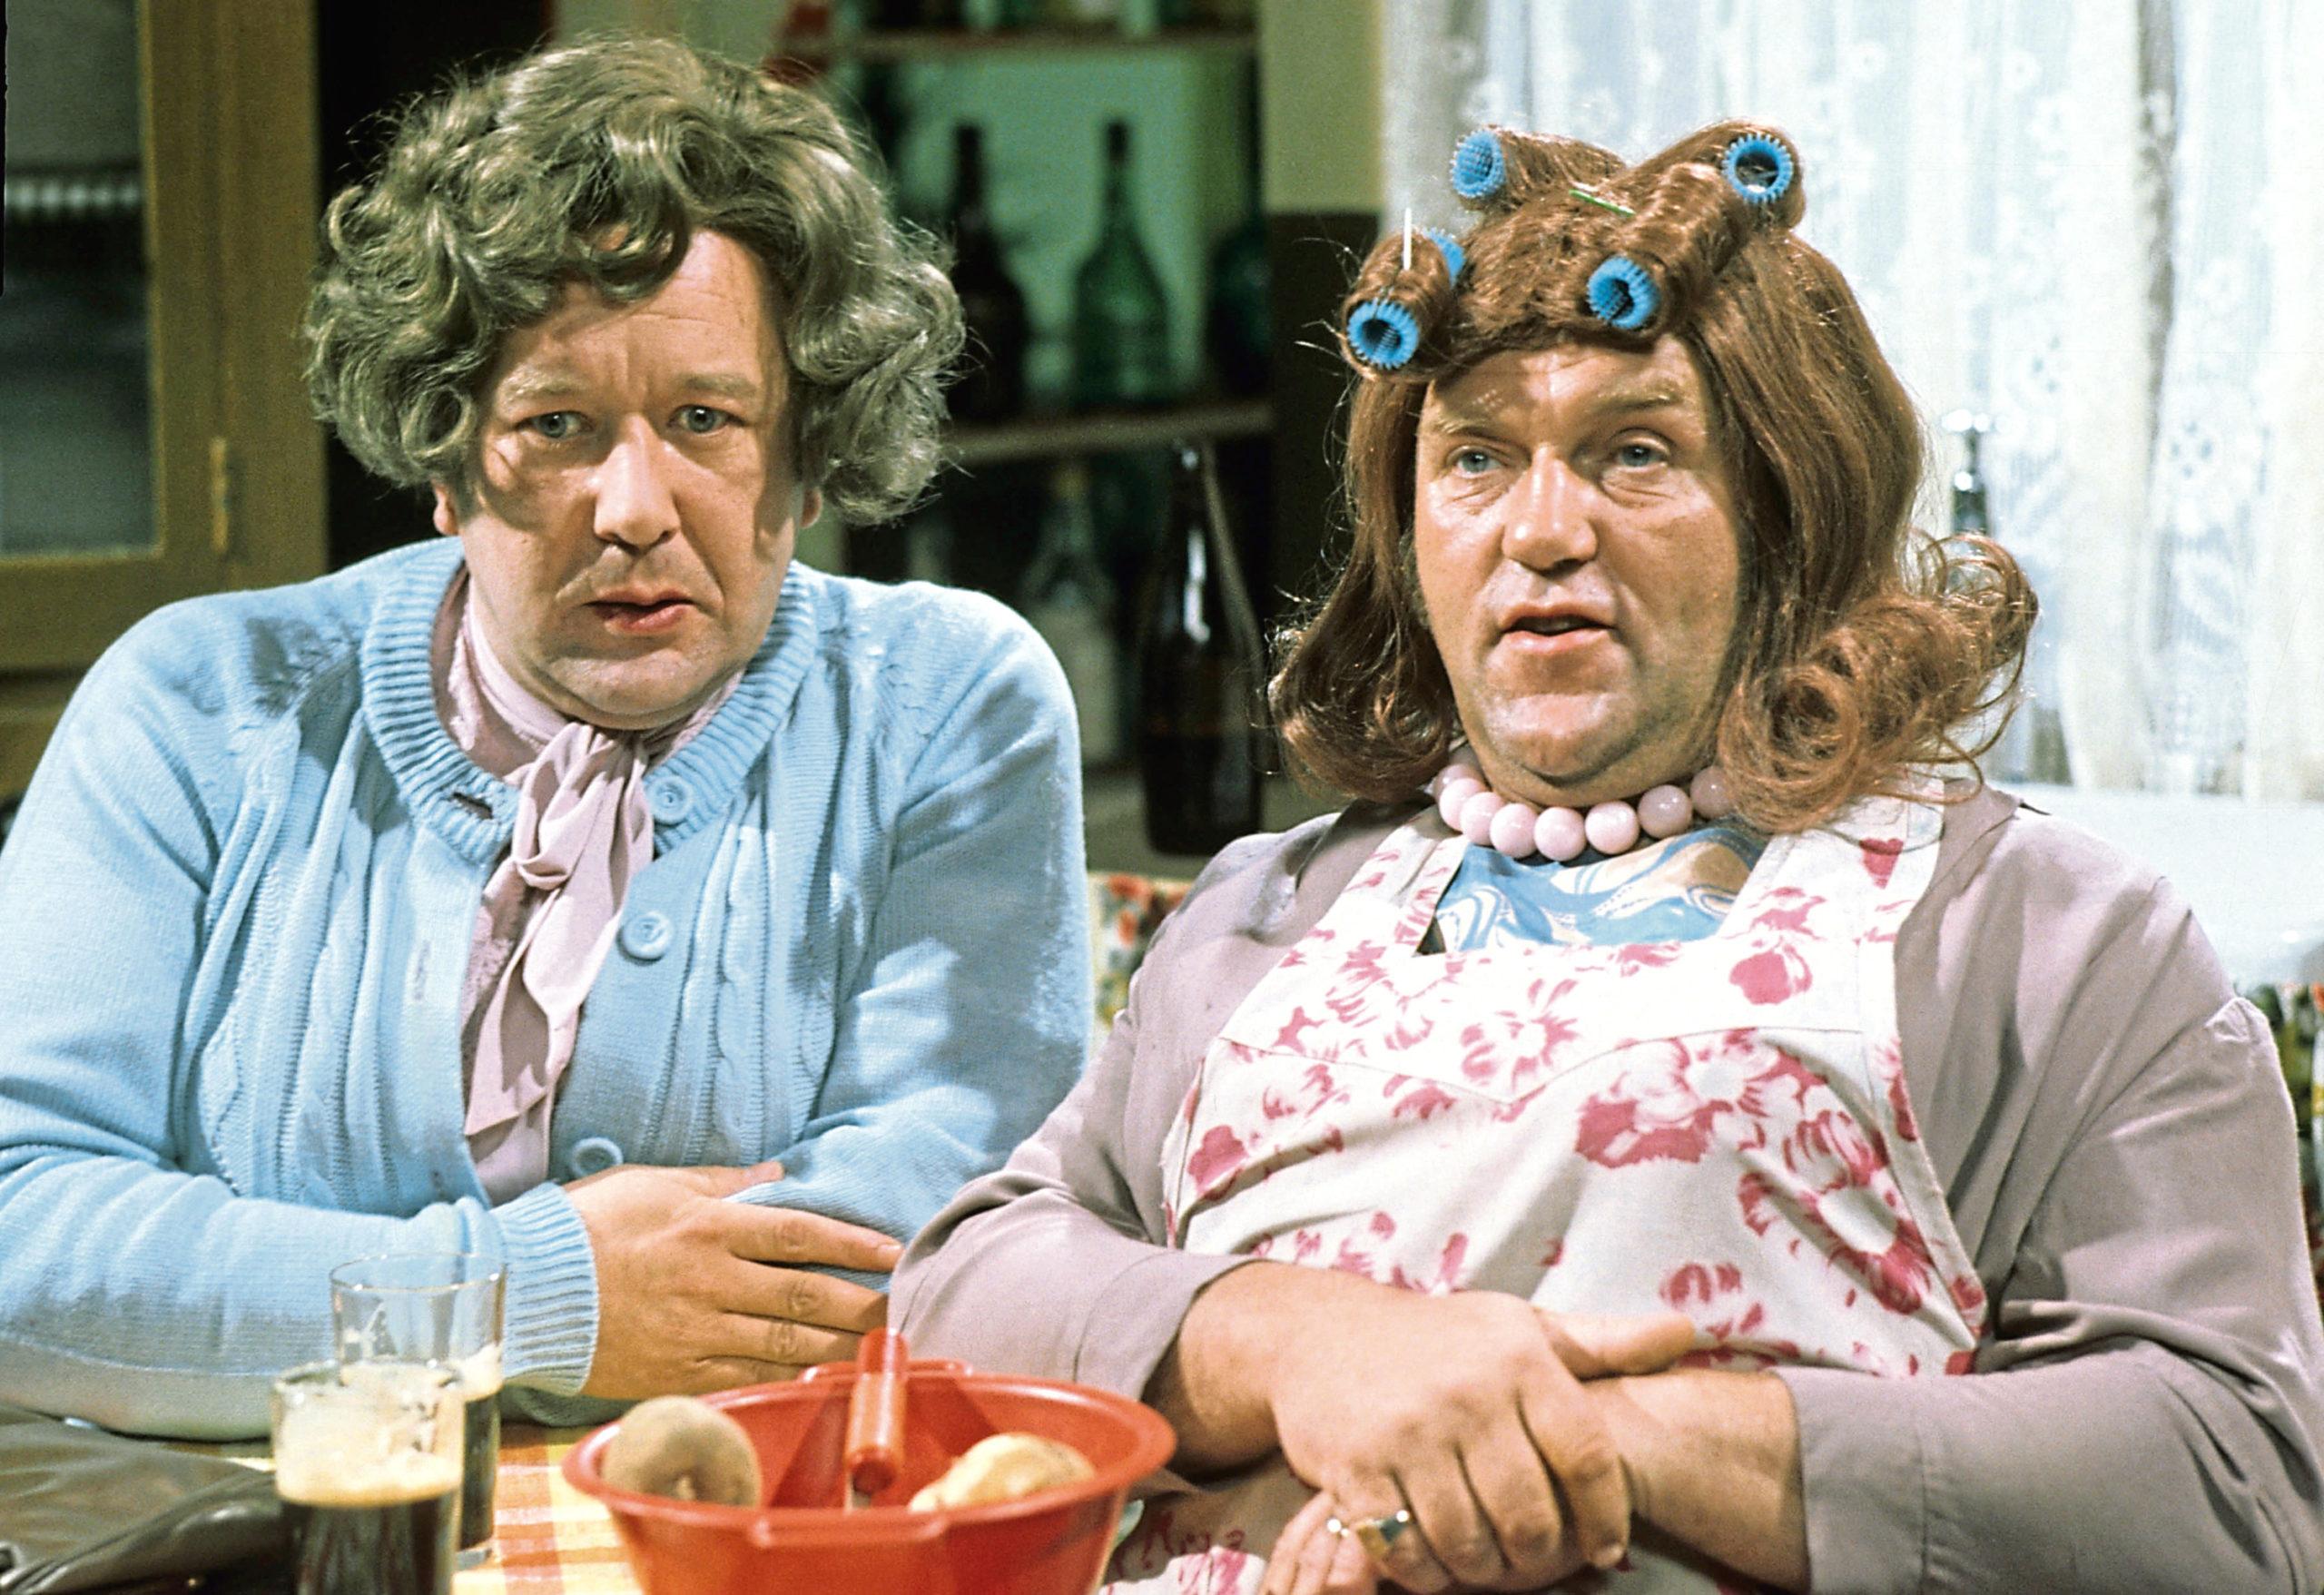 Roy Barraclough (Cissie) and Les Dawson (Ada) in The Les Dawson Show